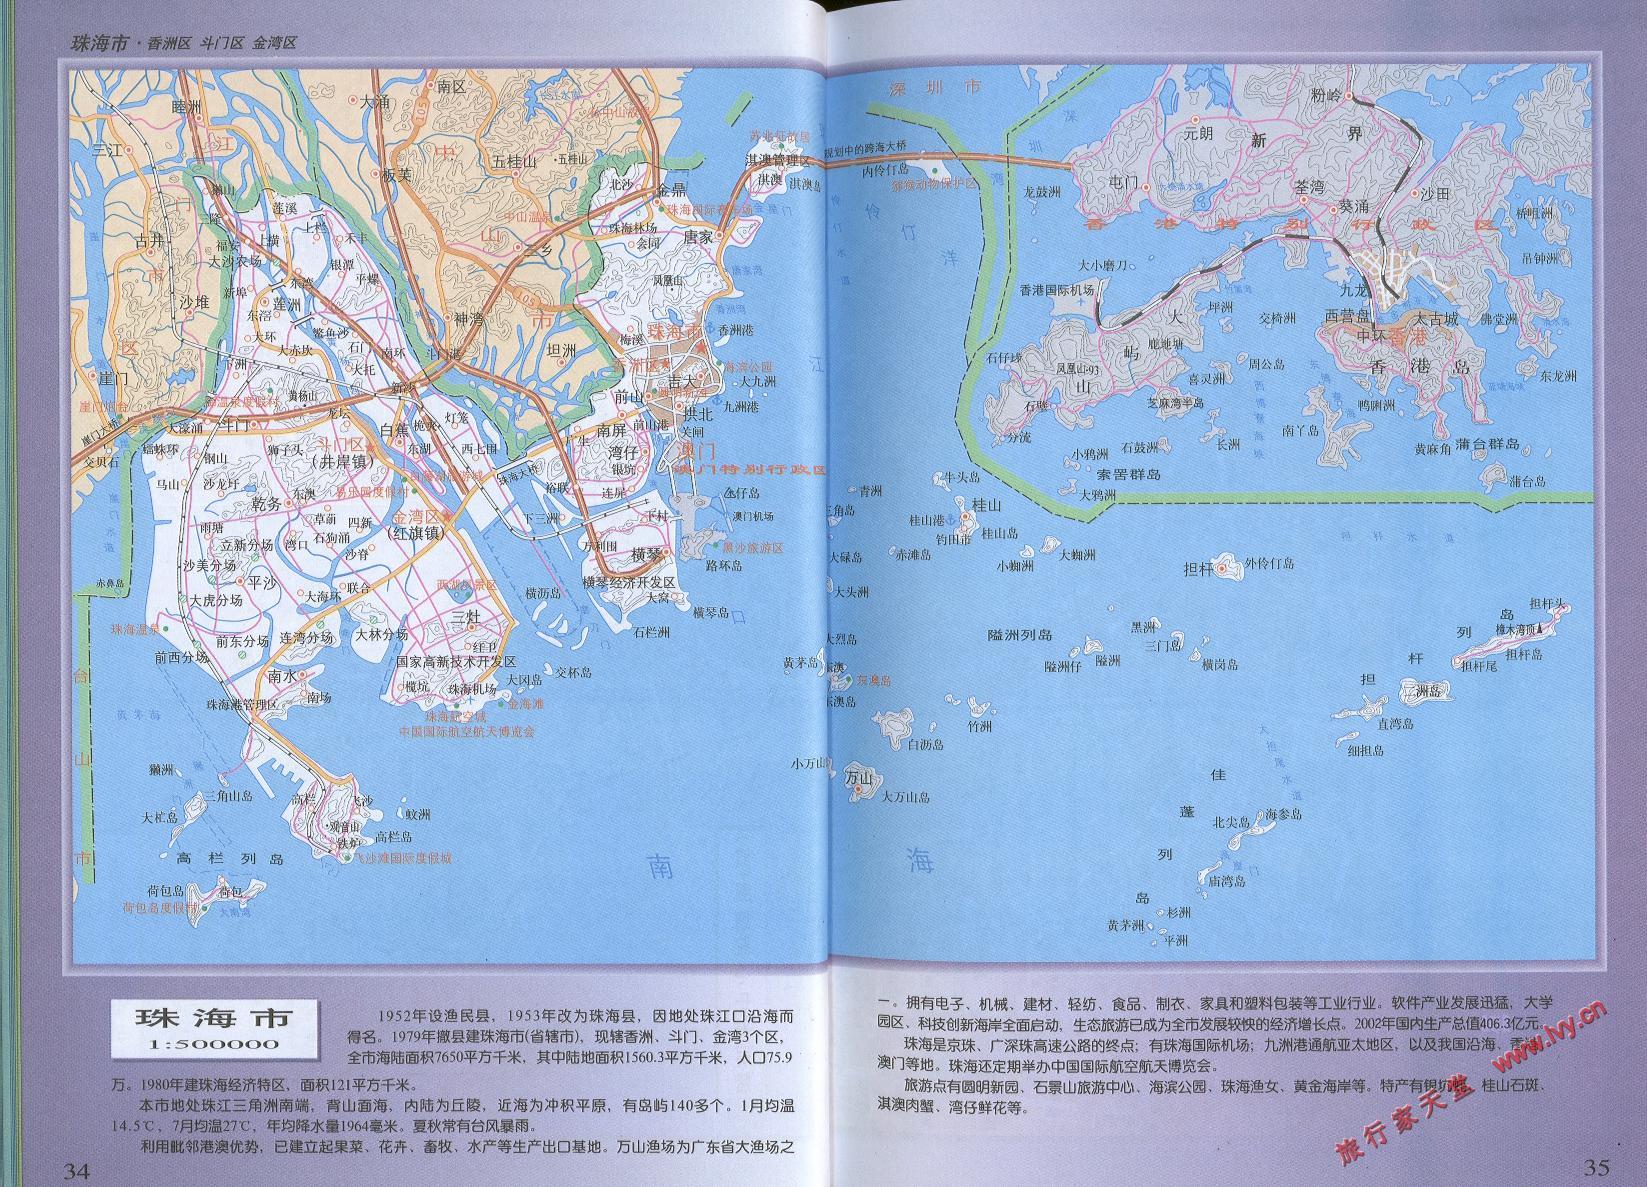 珠海辖区地图